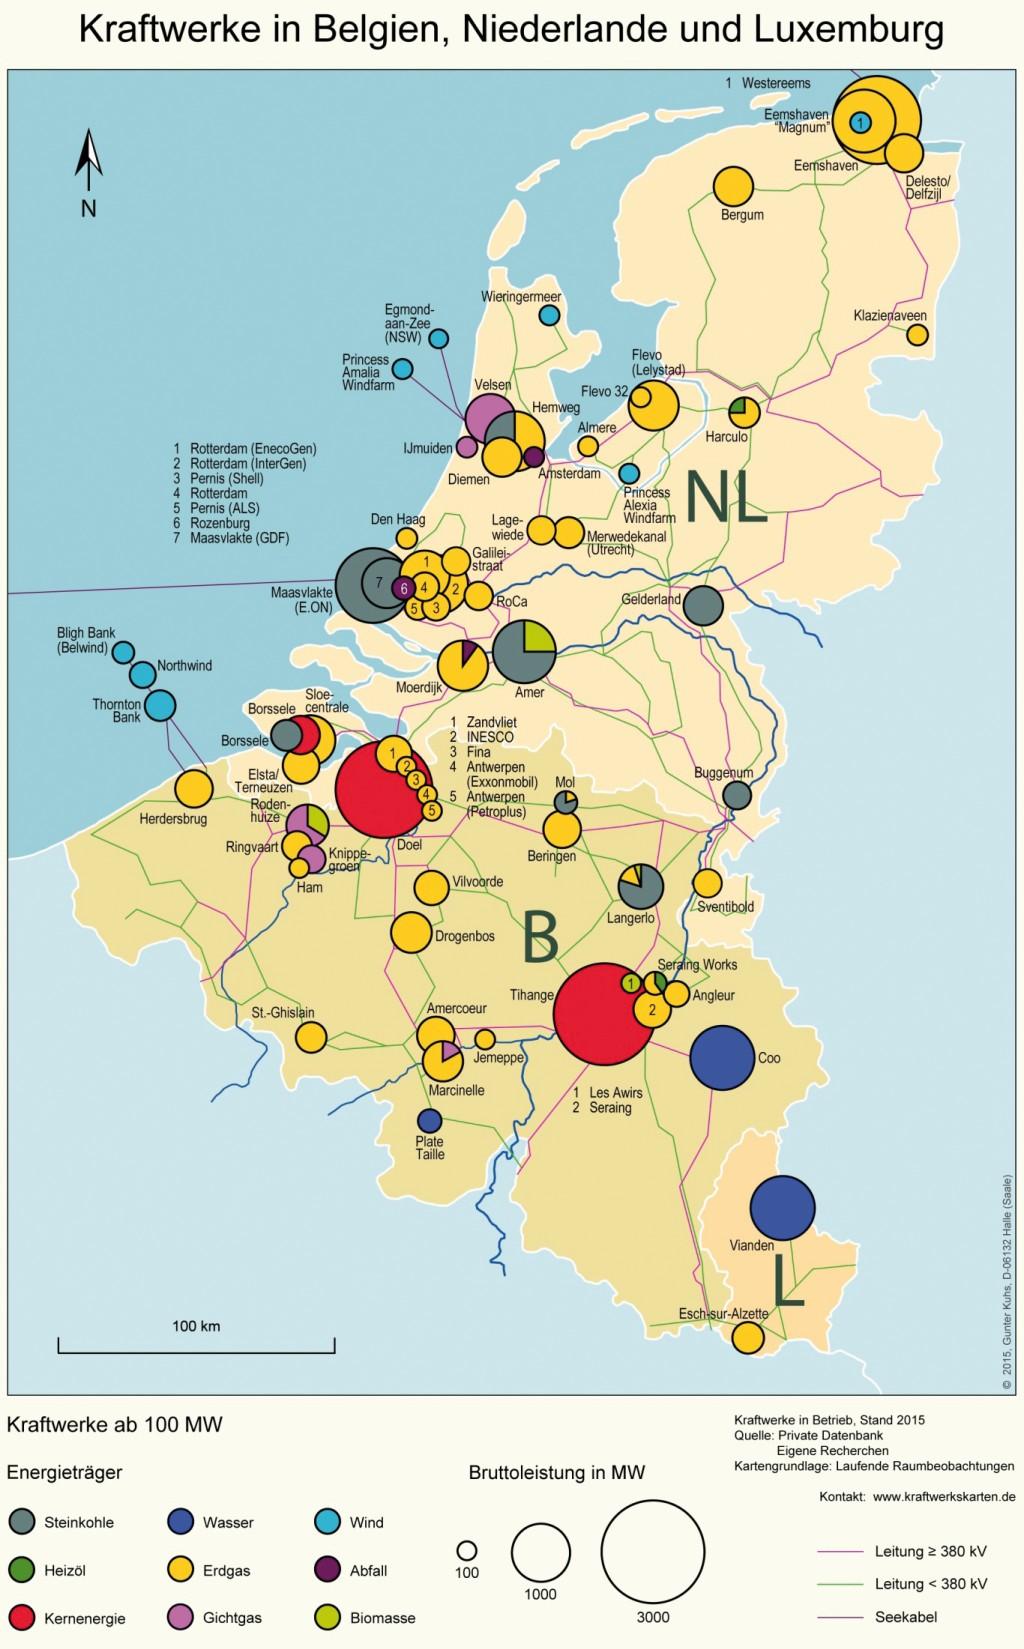 Bild 18 Kraftwerke in Belgien, den Niederlanden und Luxemburg. Bild: eigene Darstellung